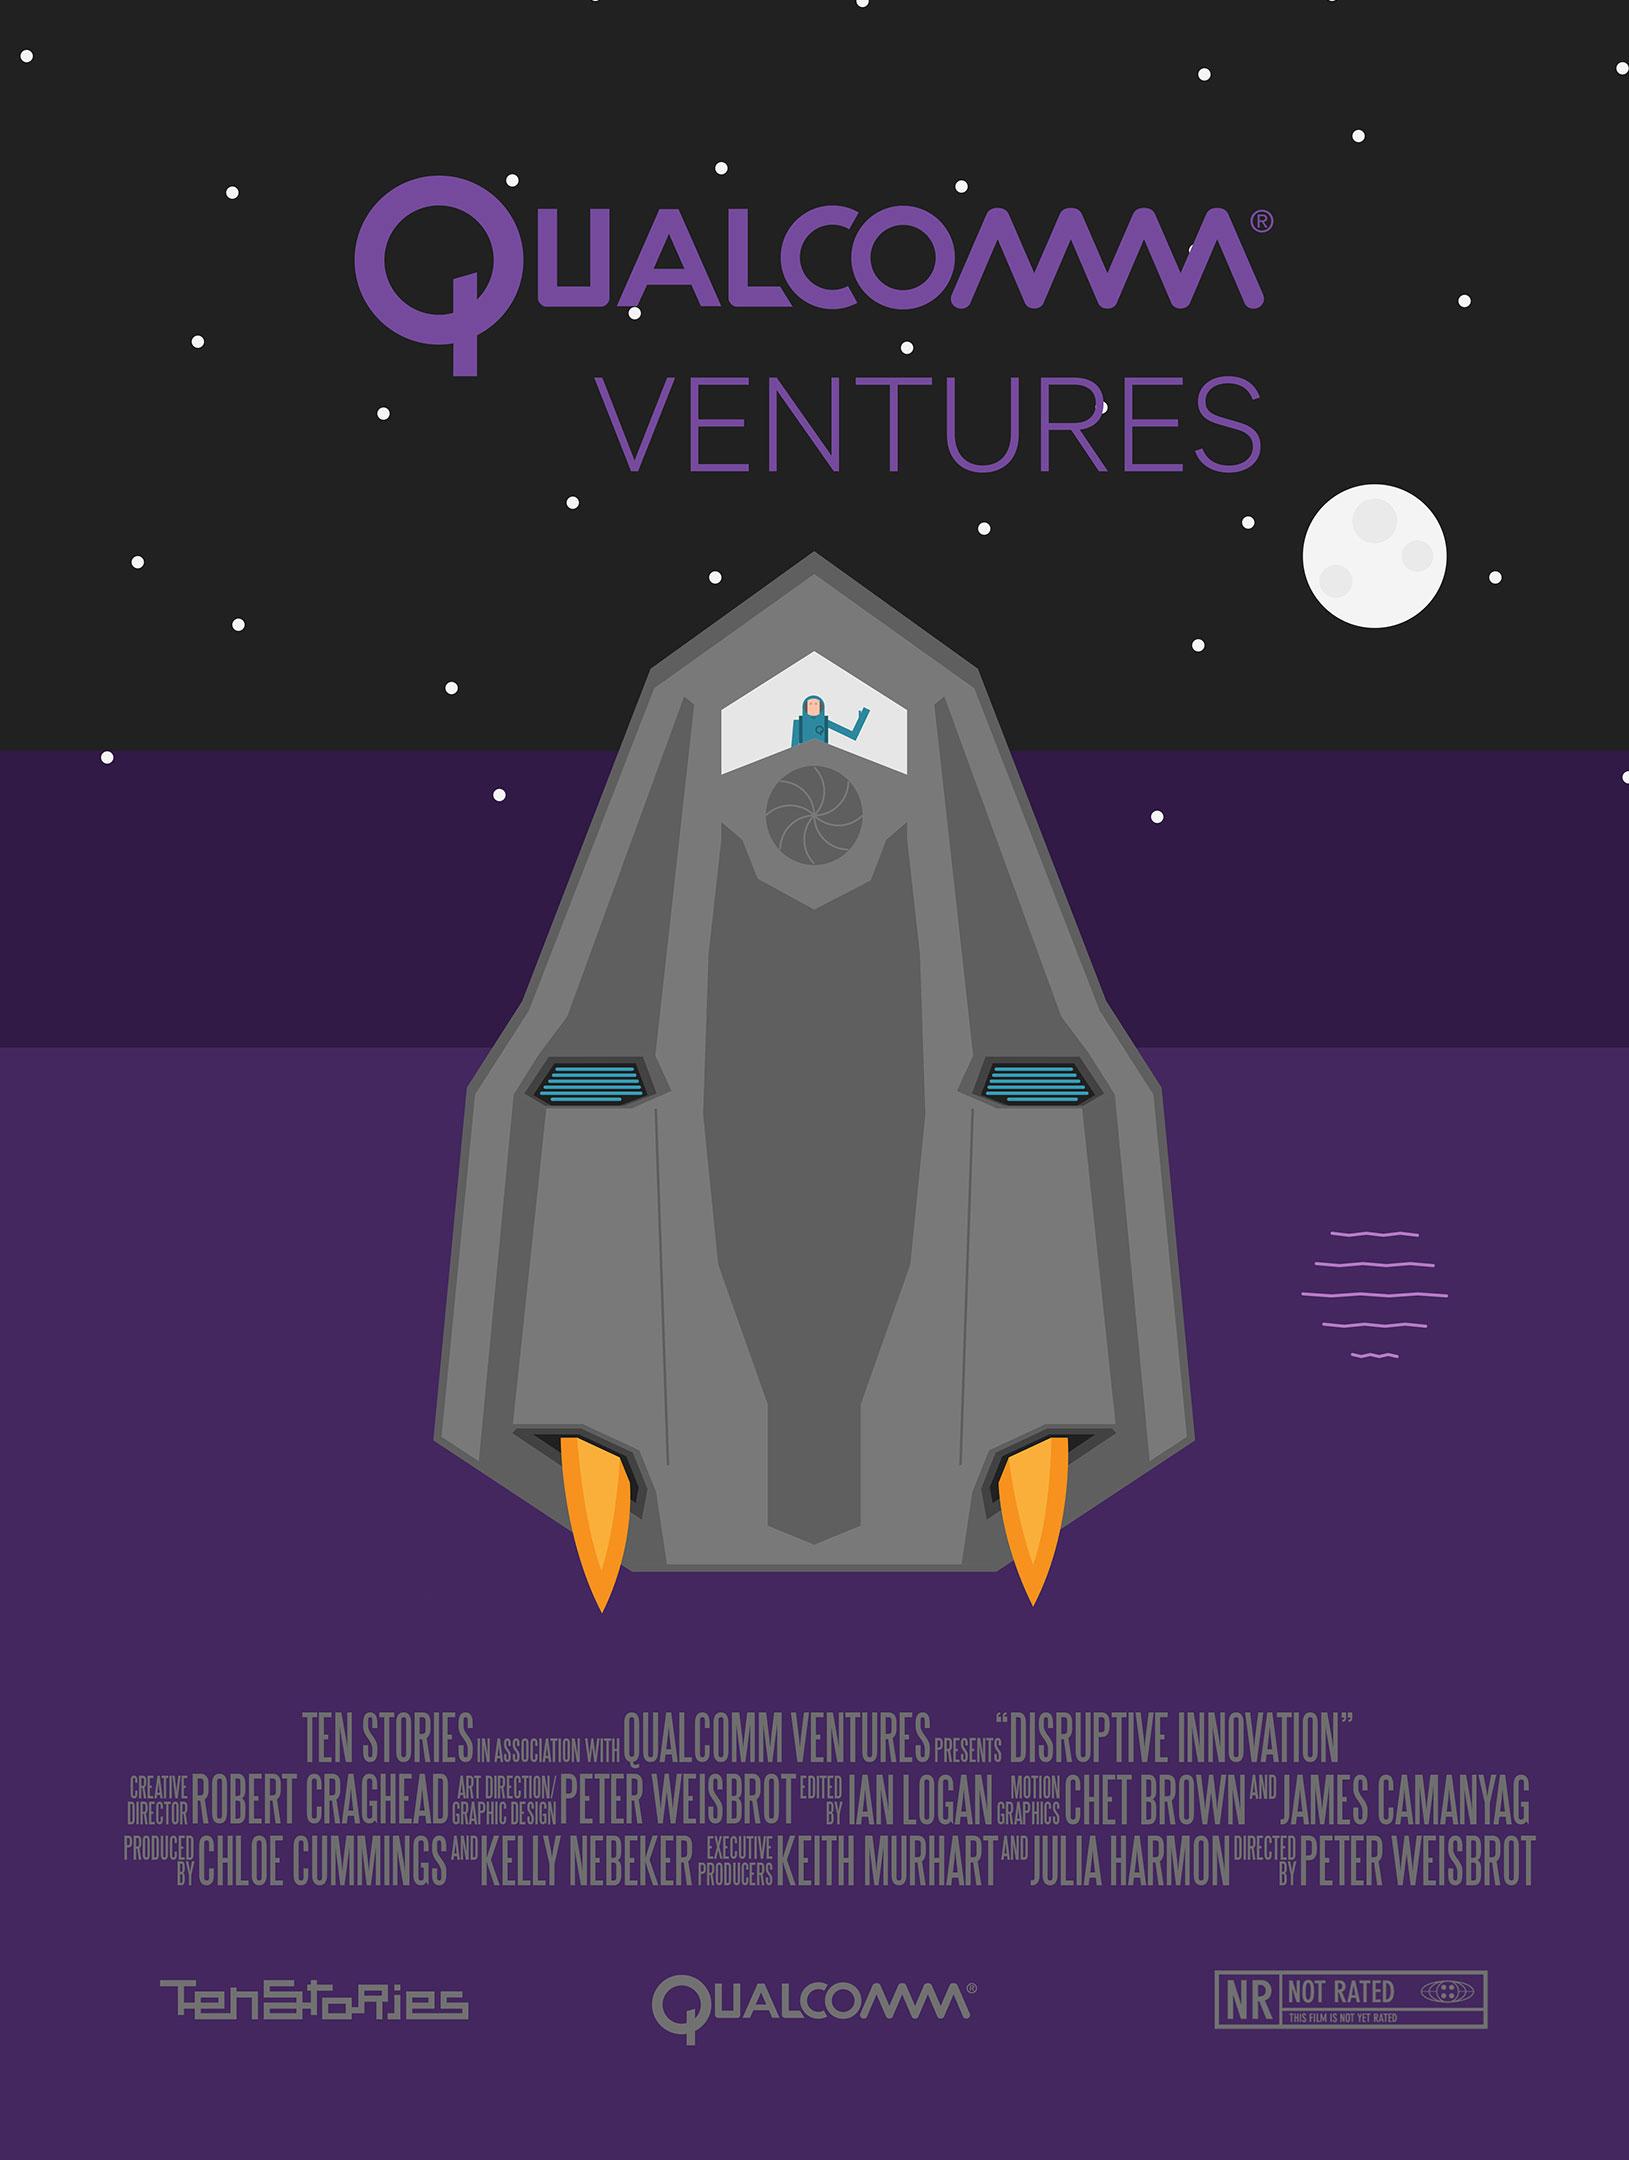 Qualcomm-Ventures.jpg